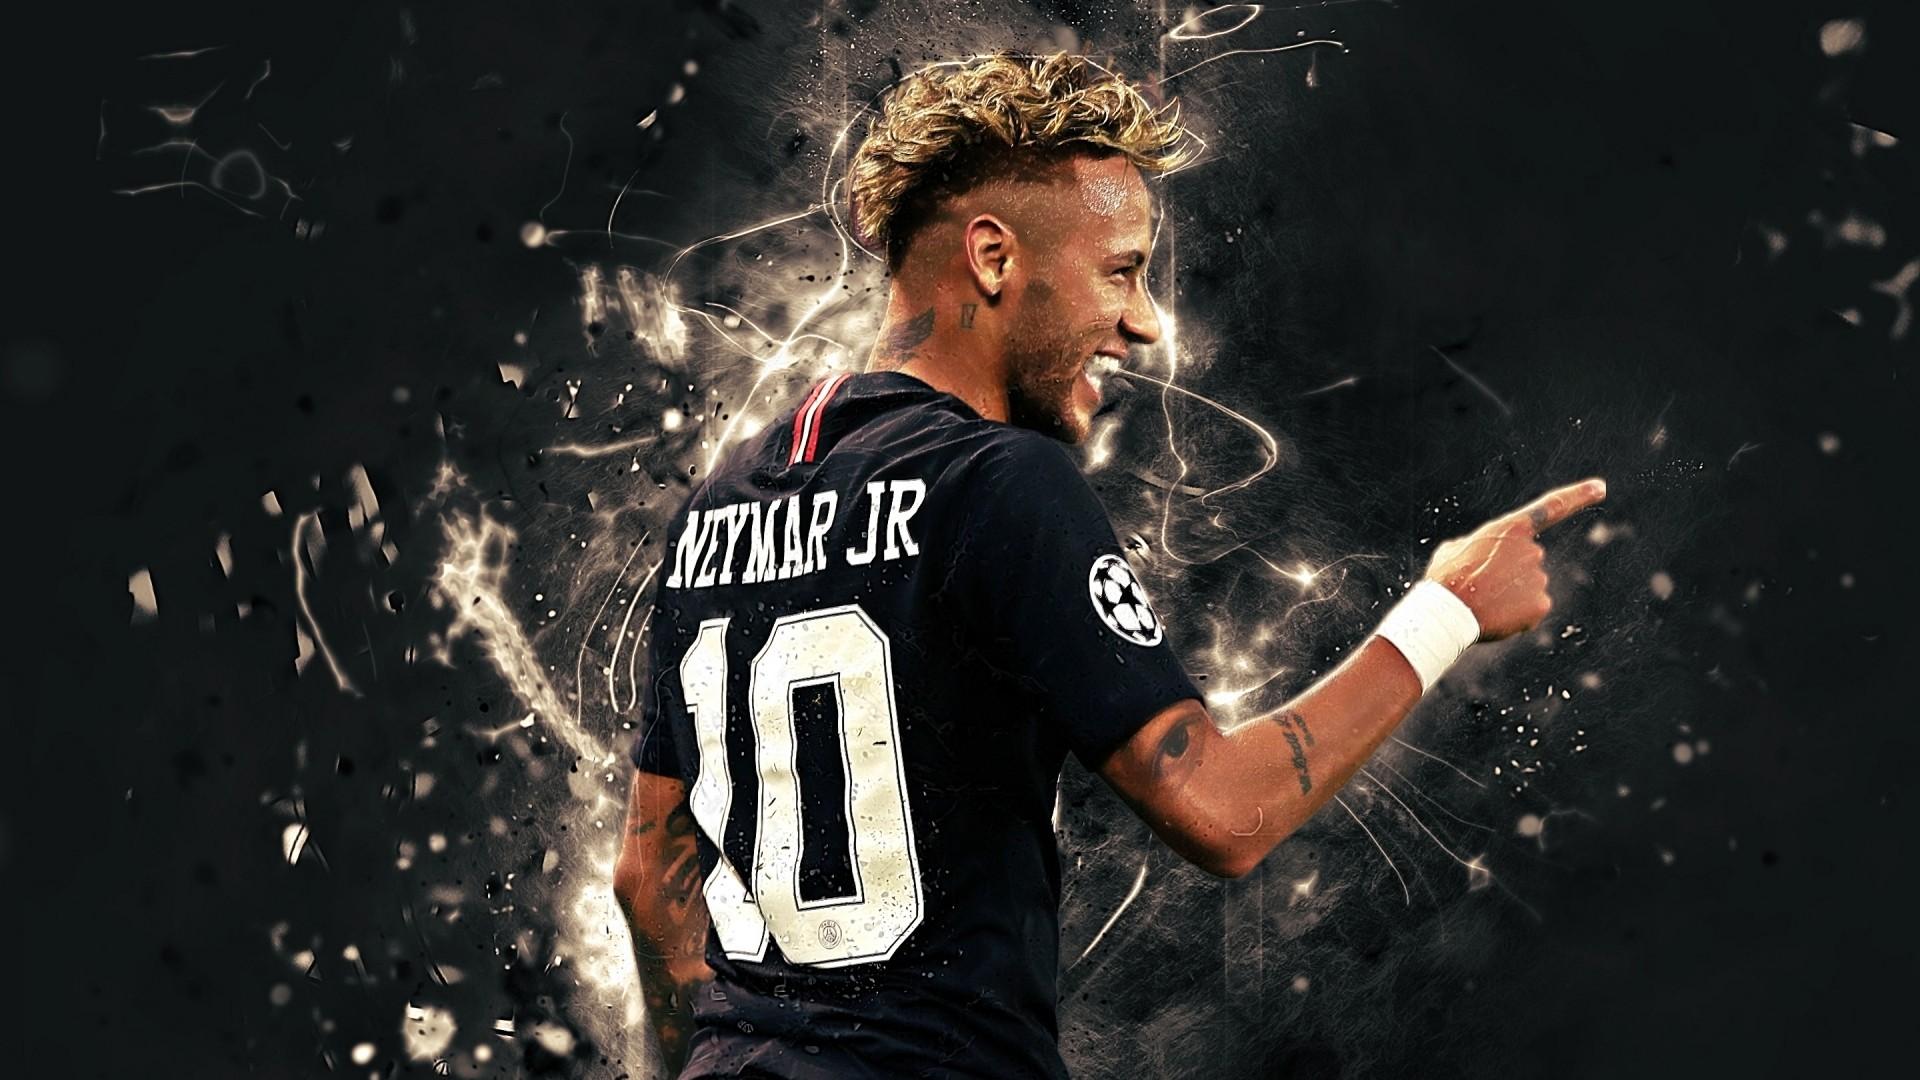 Neymar hd desktop wallpaper